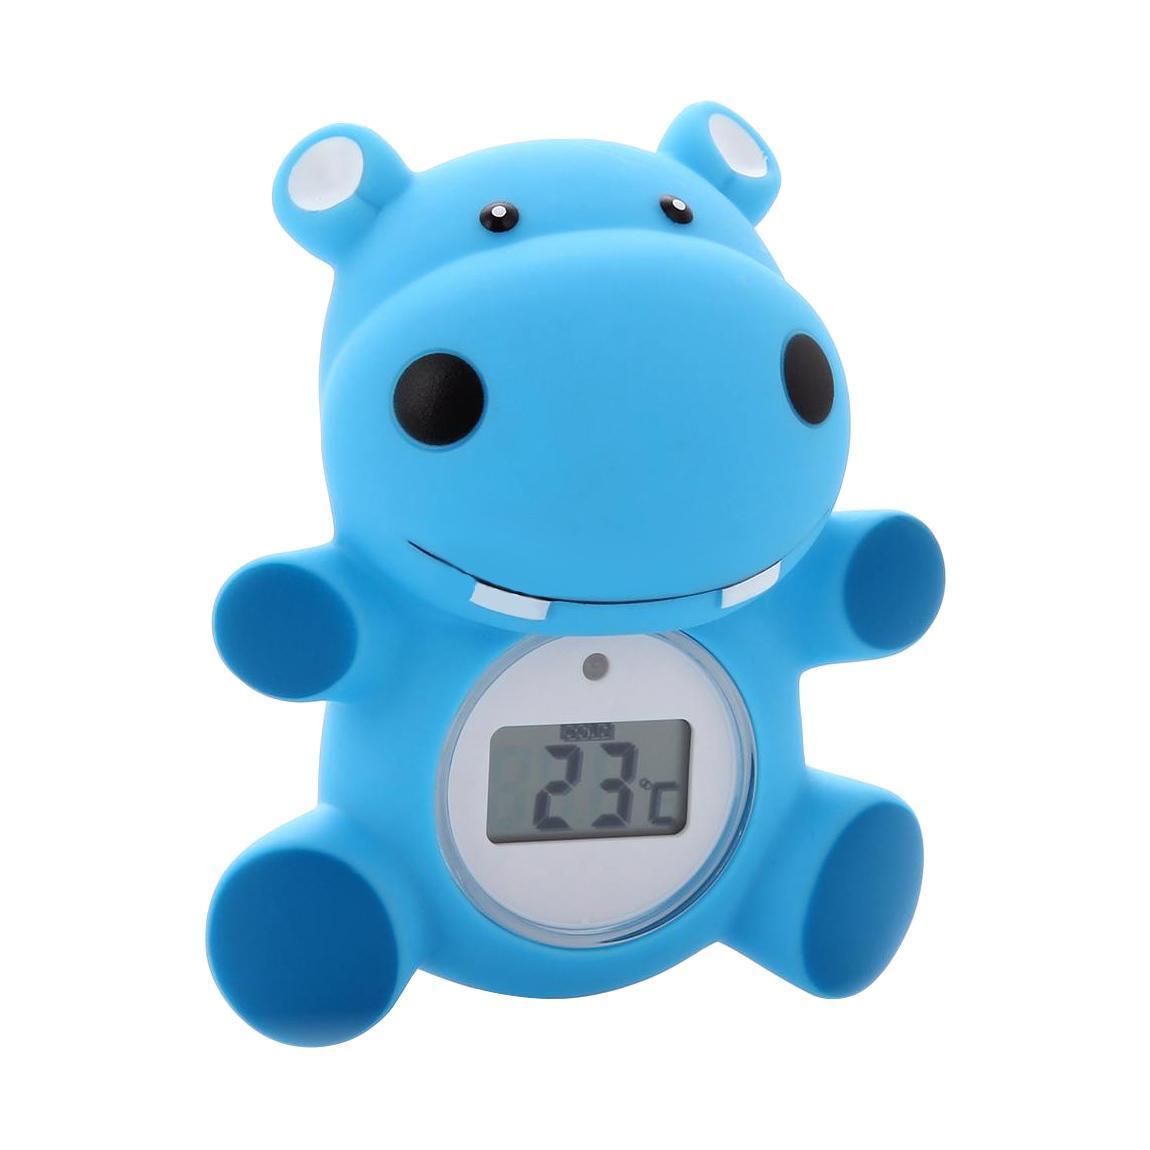 Maman Термометр для воды Бегемот цифровойRT-17Детский термометр для ванны в виде забавной игрушки поможет мамам более точно контролировать температуру воды при купании ребенка. Так же термометр Maman позволяет измерять комнатную температуру. Диапазон измерения составляет от 0 °C до 50 °C.